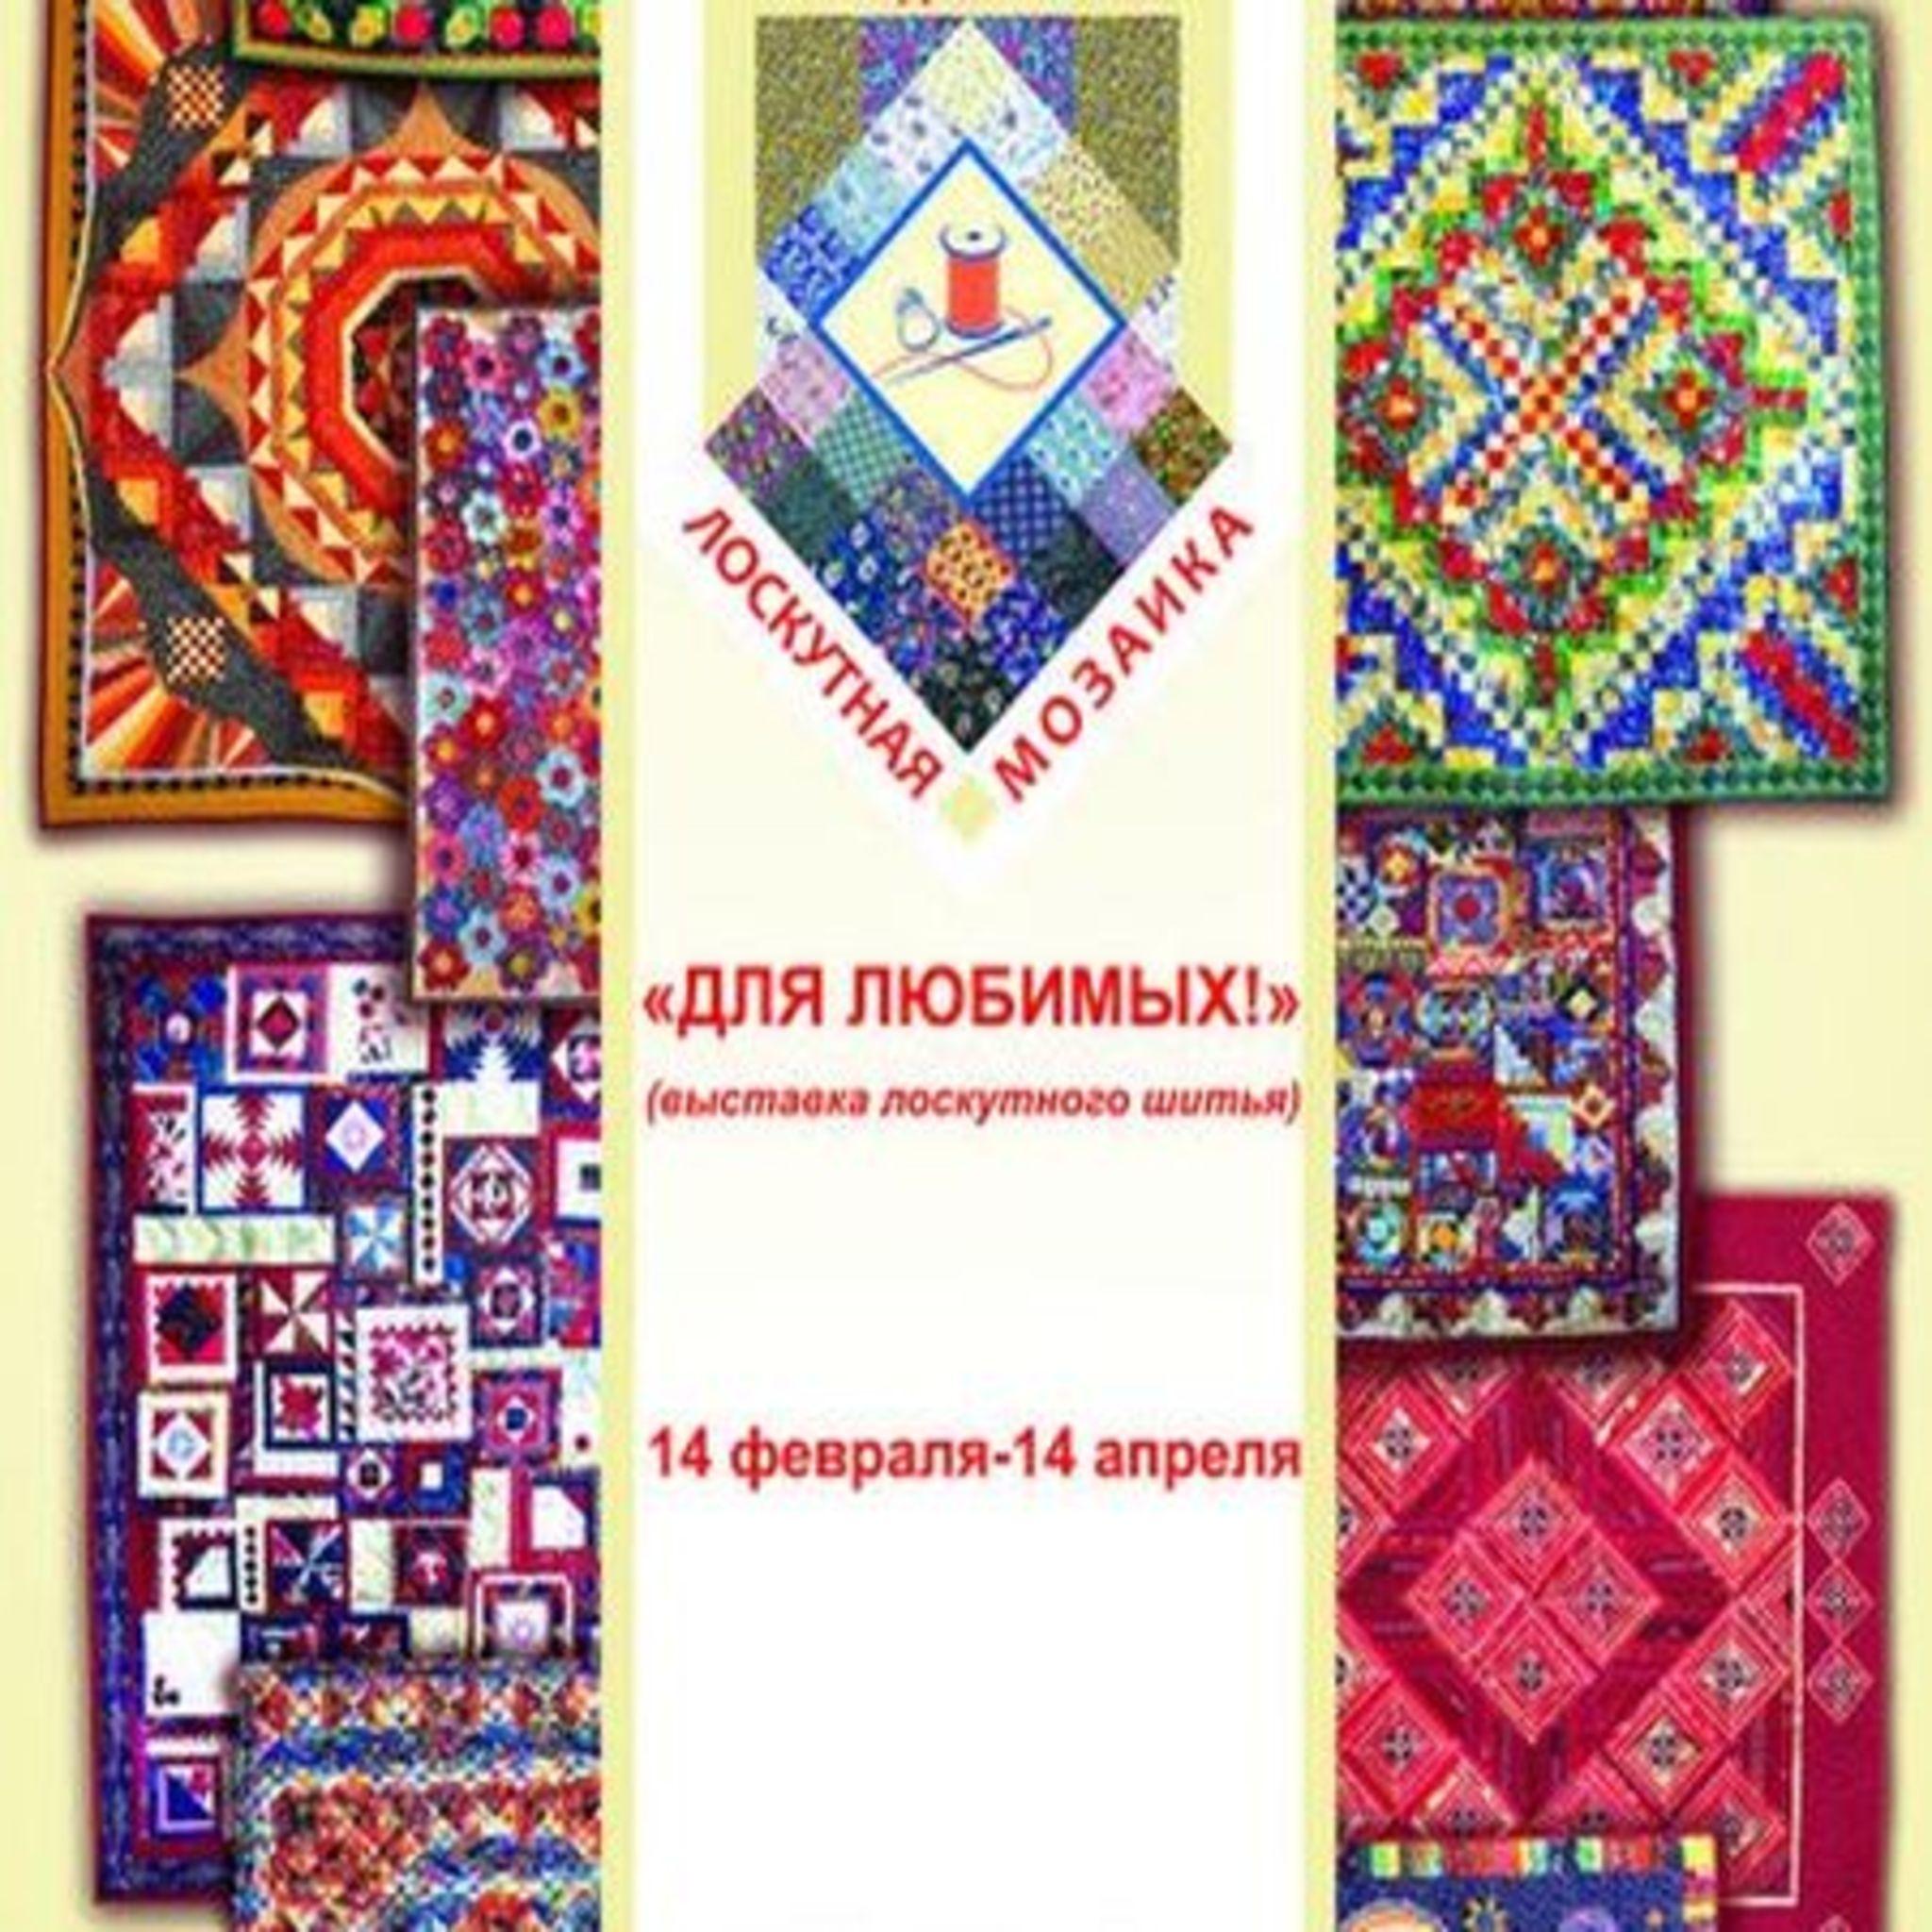 Выставка «ДЛЯ ЛЮБИМЫХ!»